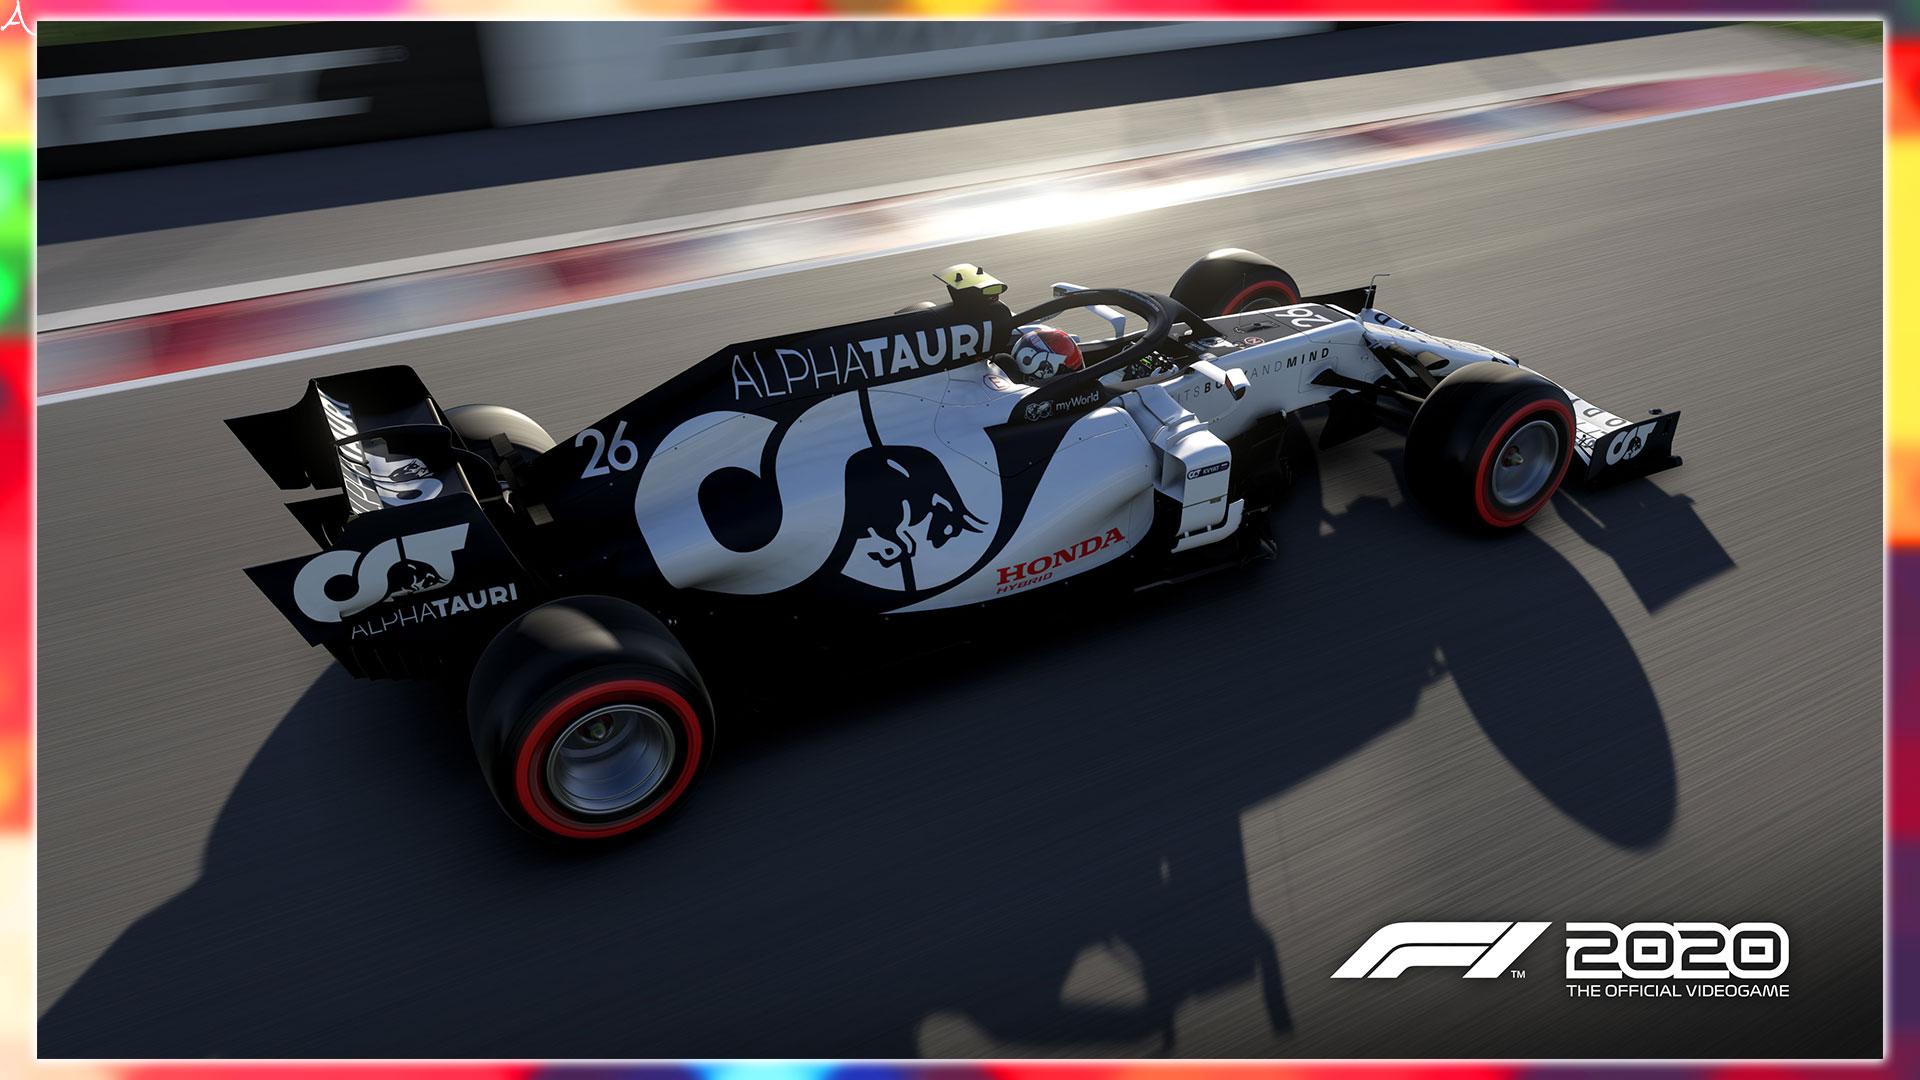 PC版「F1 2020」ゲームに必要な最低/推奨スペックを確認:快適プレイに必要な値段はどれくらい?